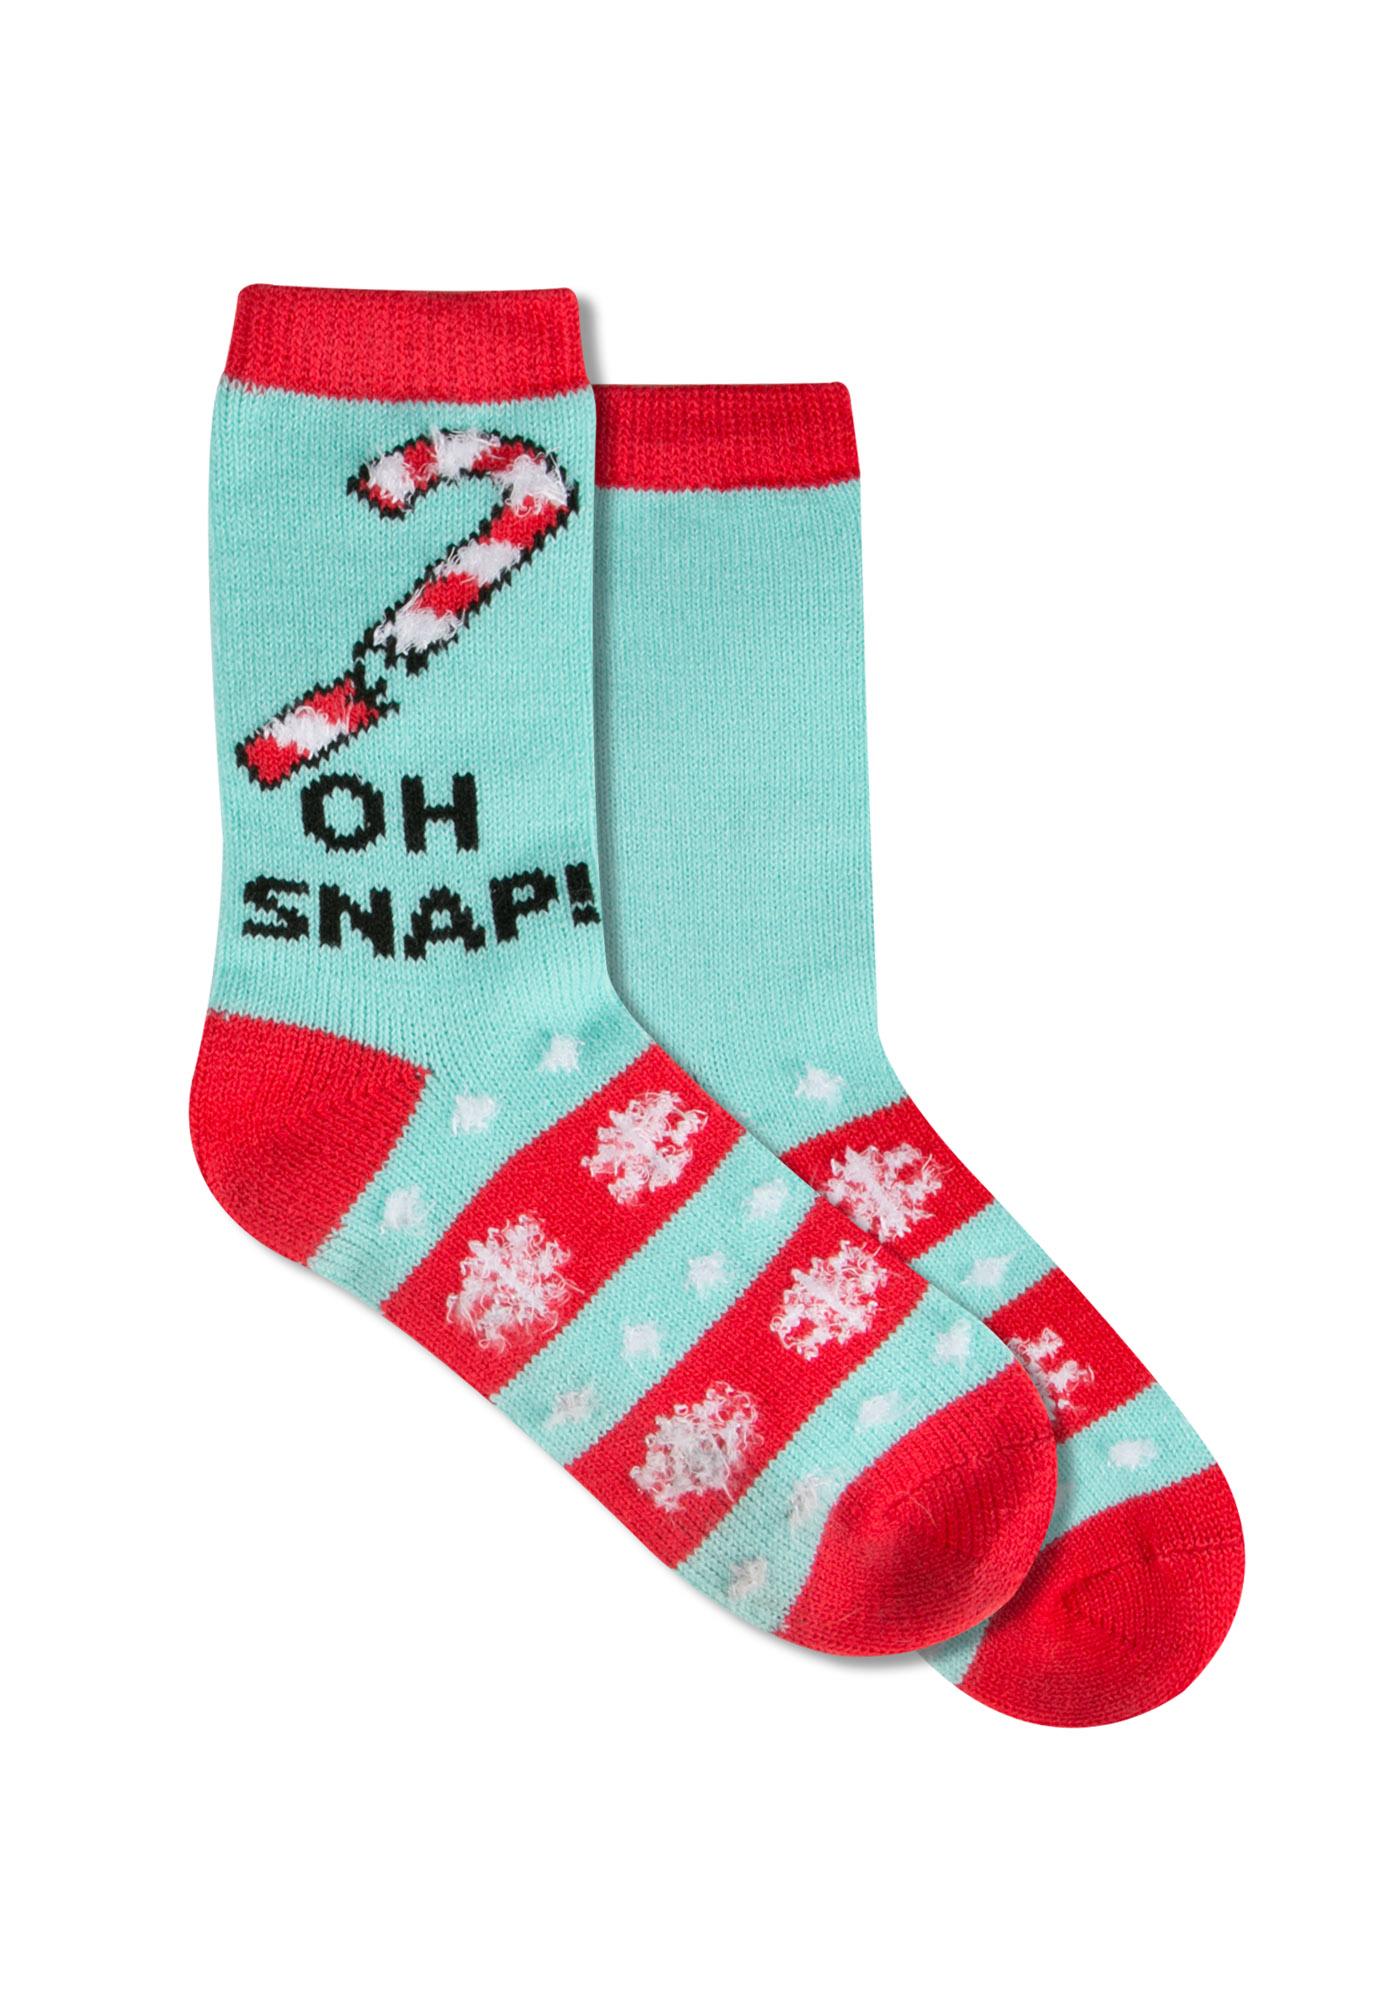 La s Oh Snap Holiday Socks